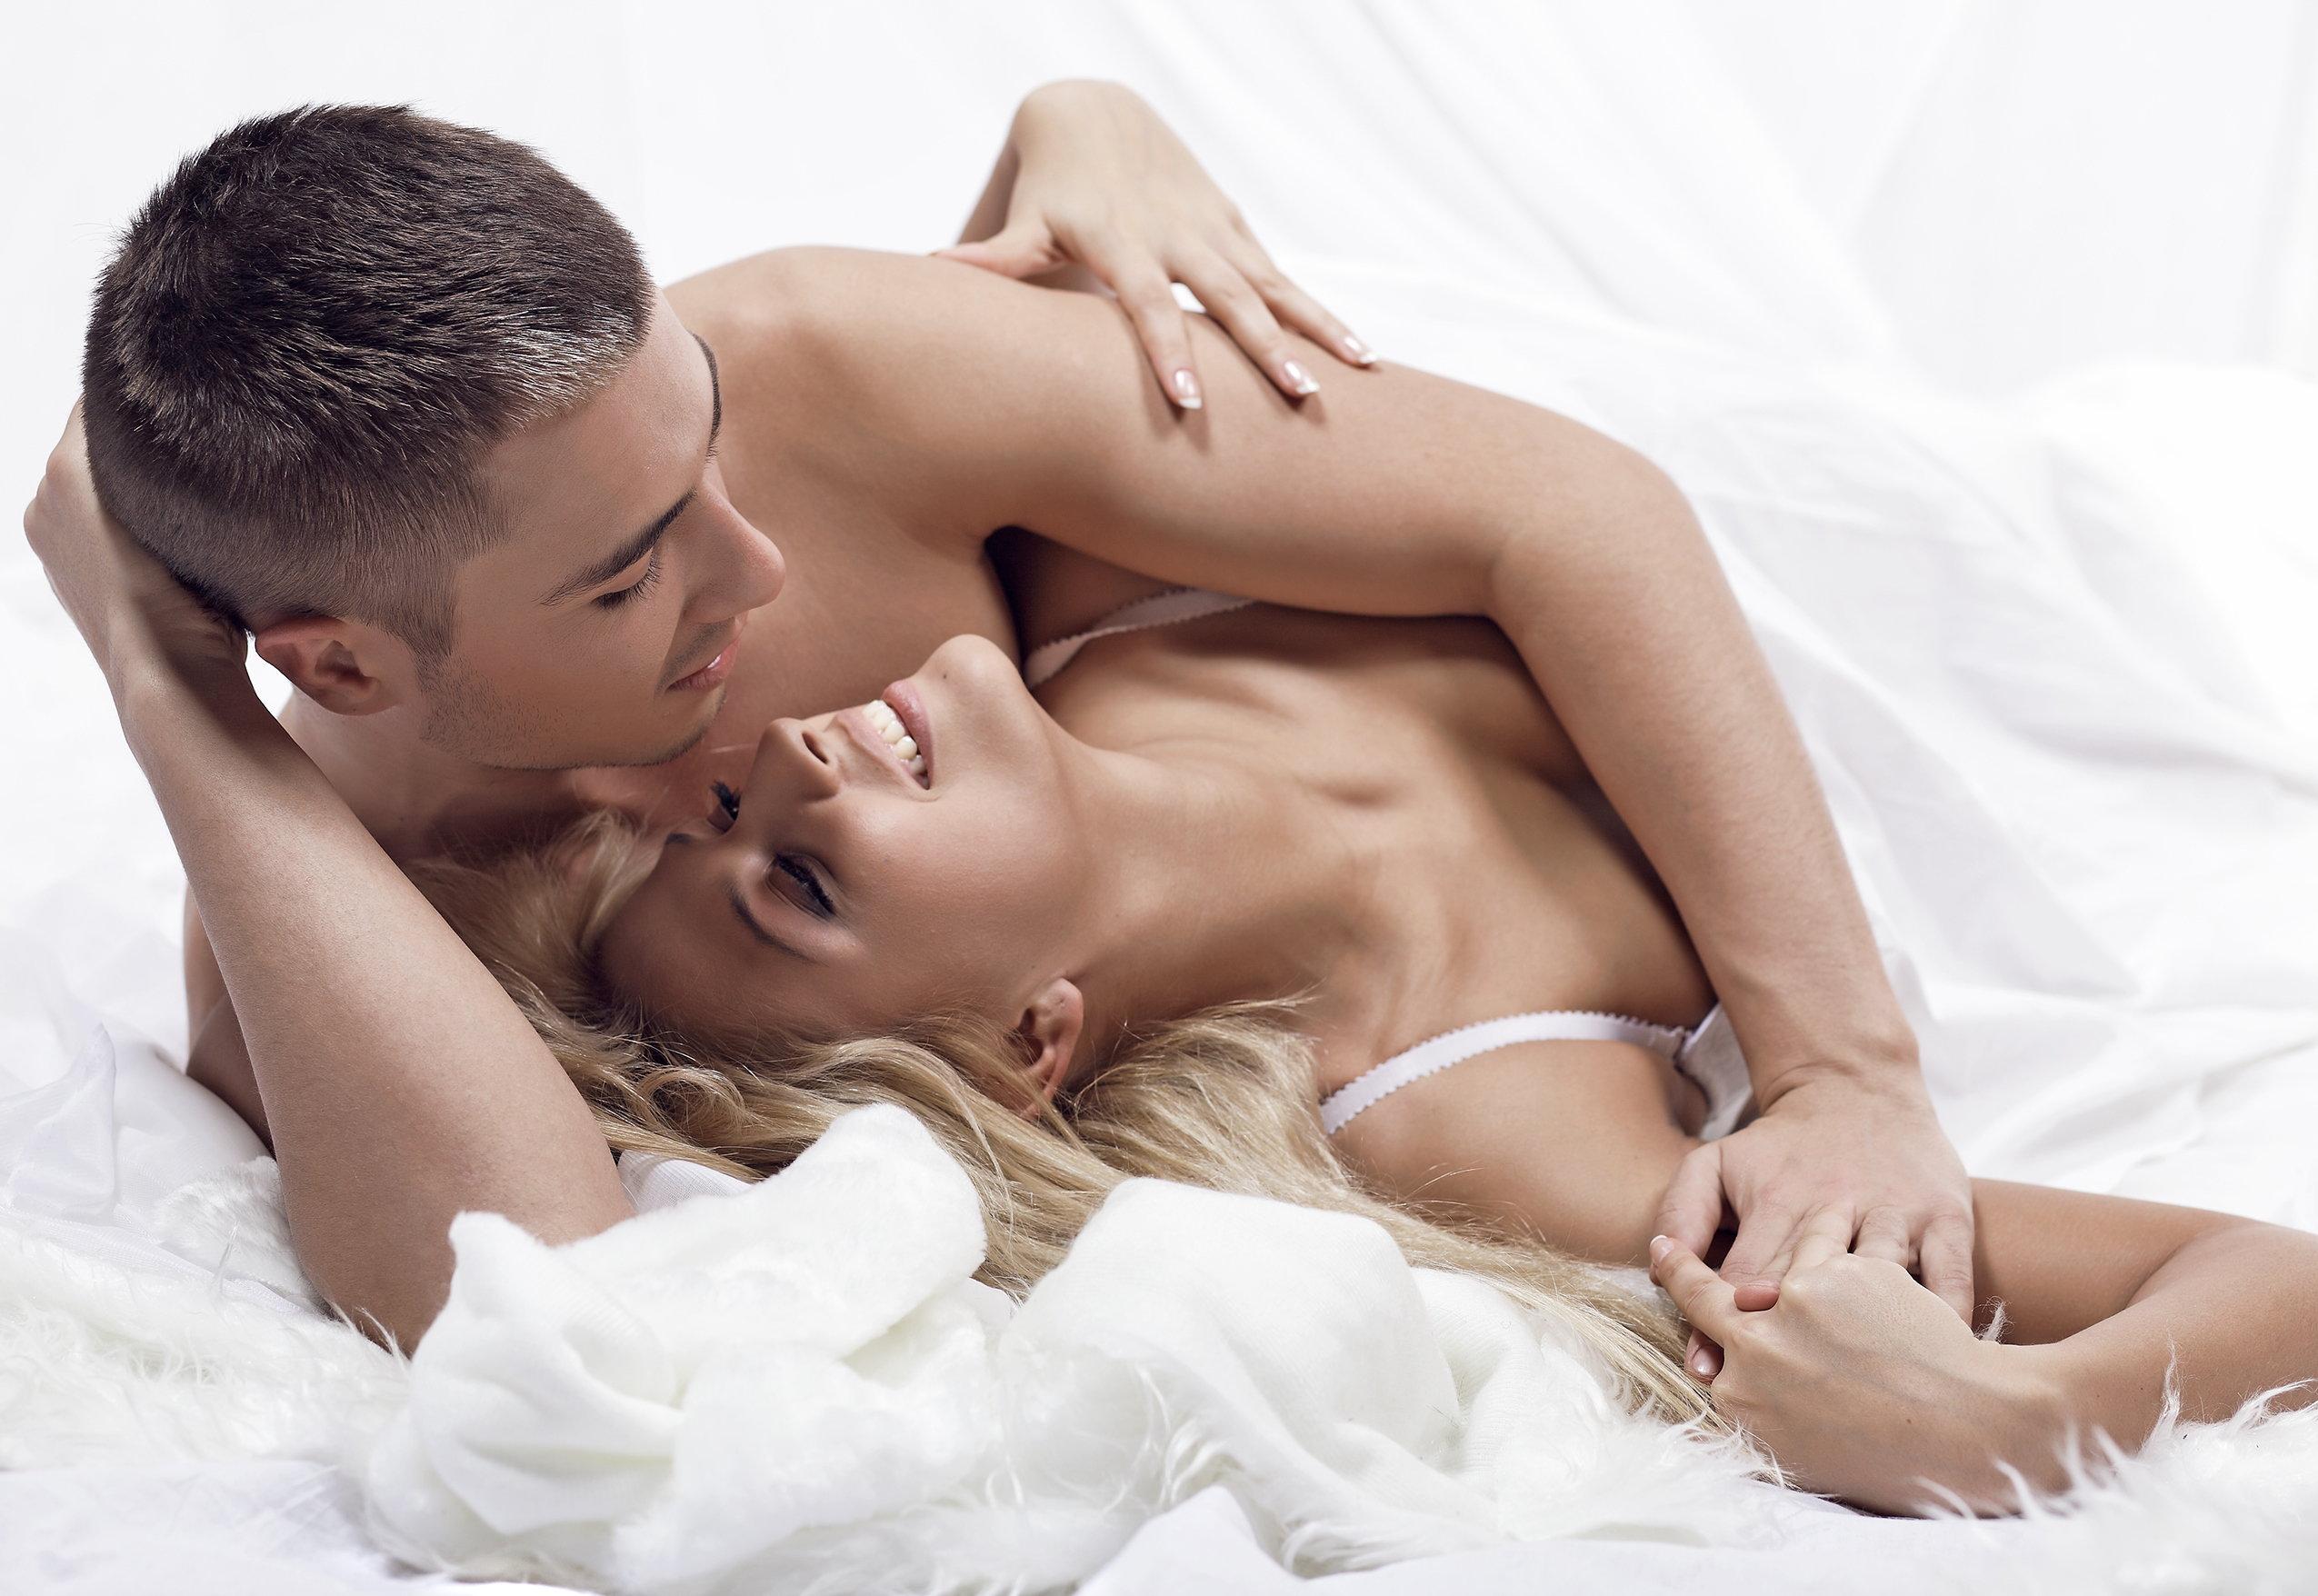 hogyan segítenek az erekciós gyakorlatok